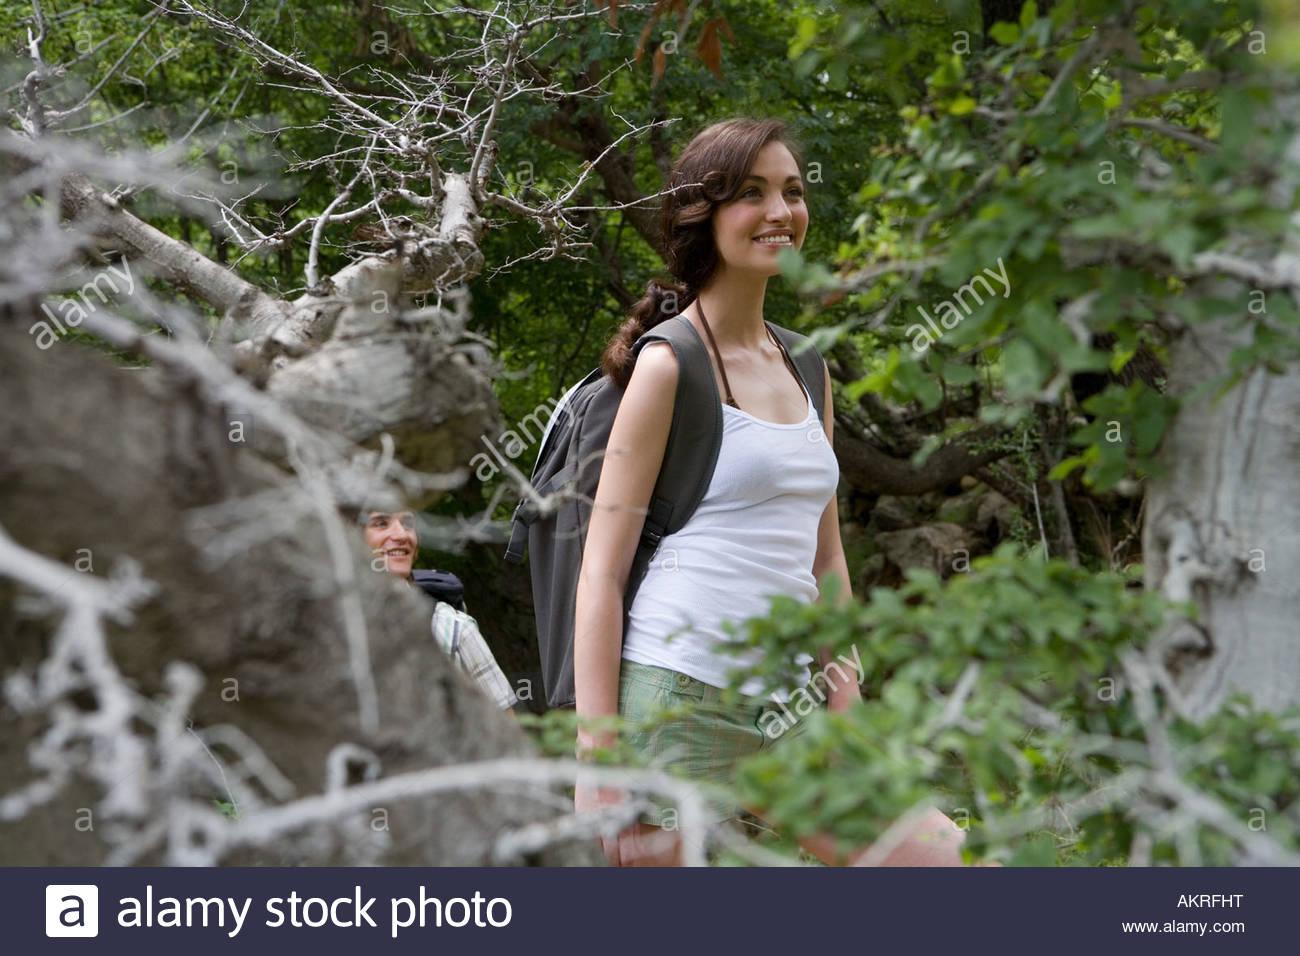 Female backpacker - Stock Image